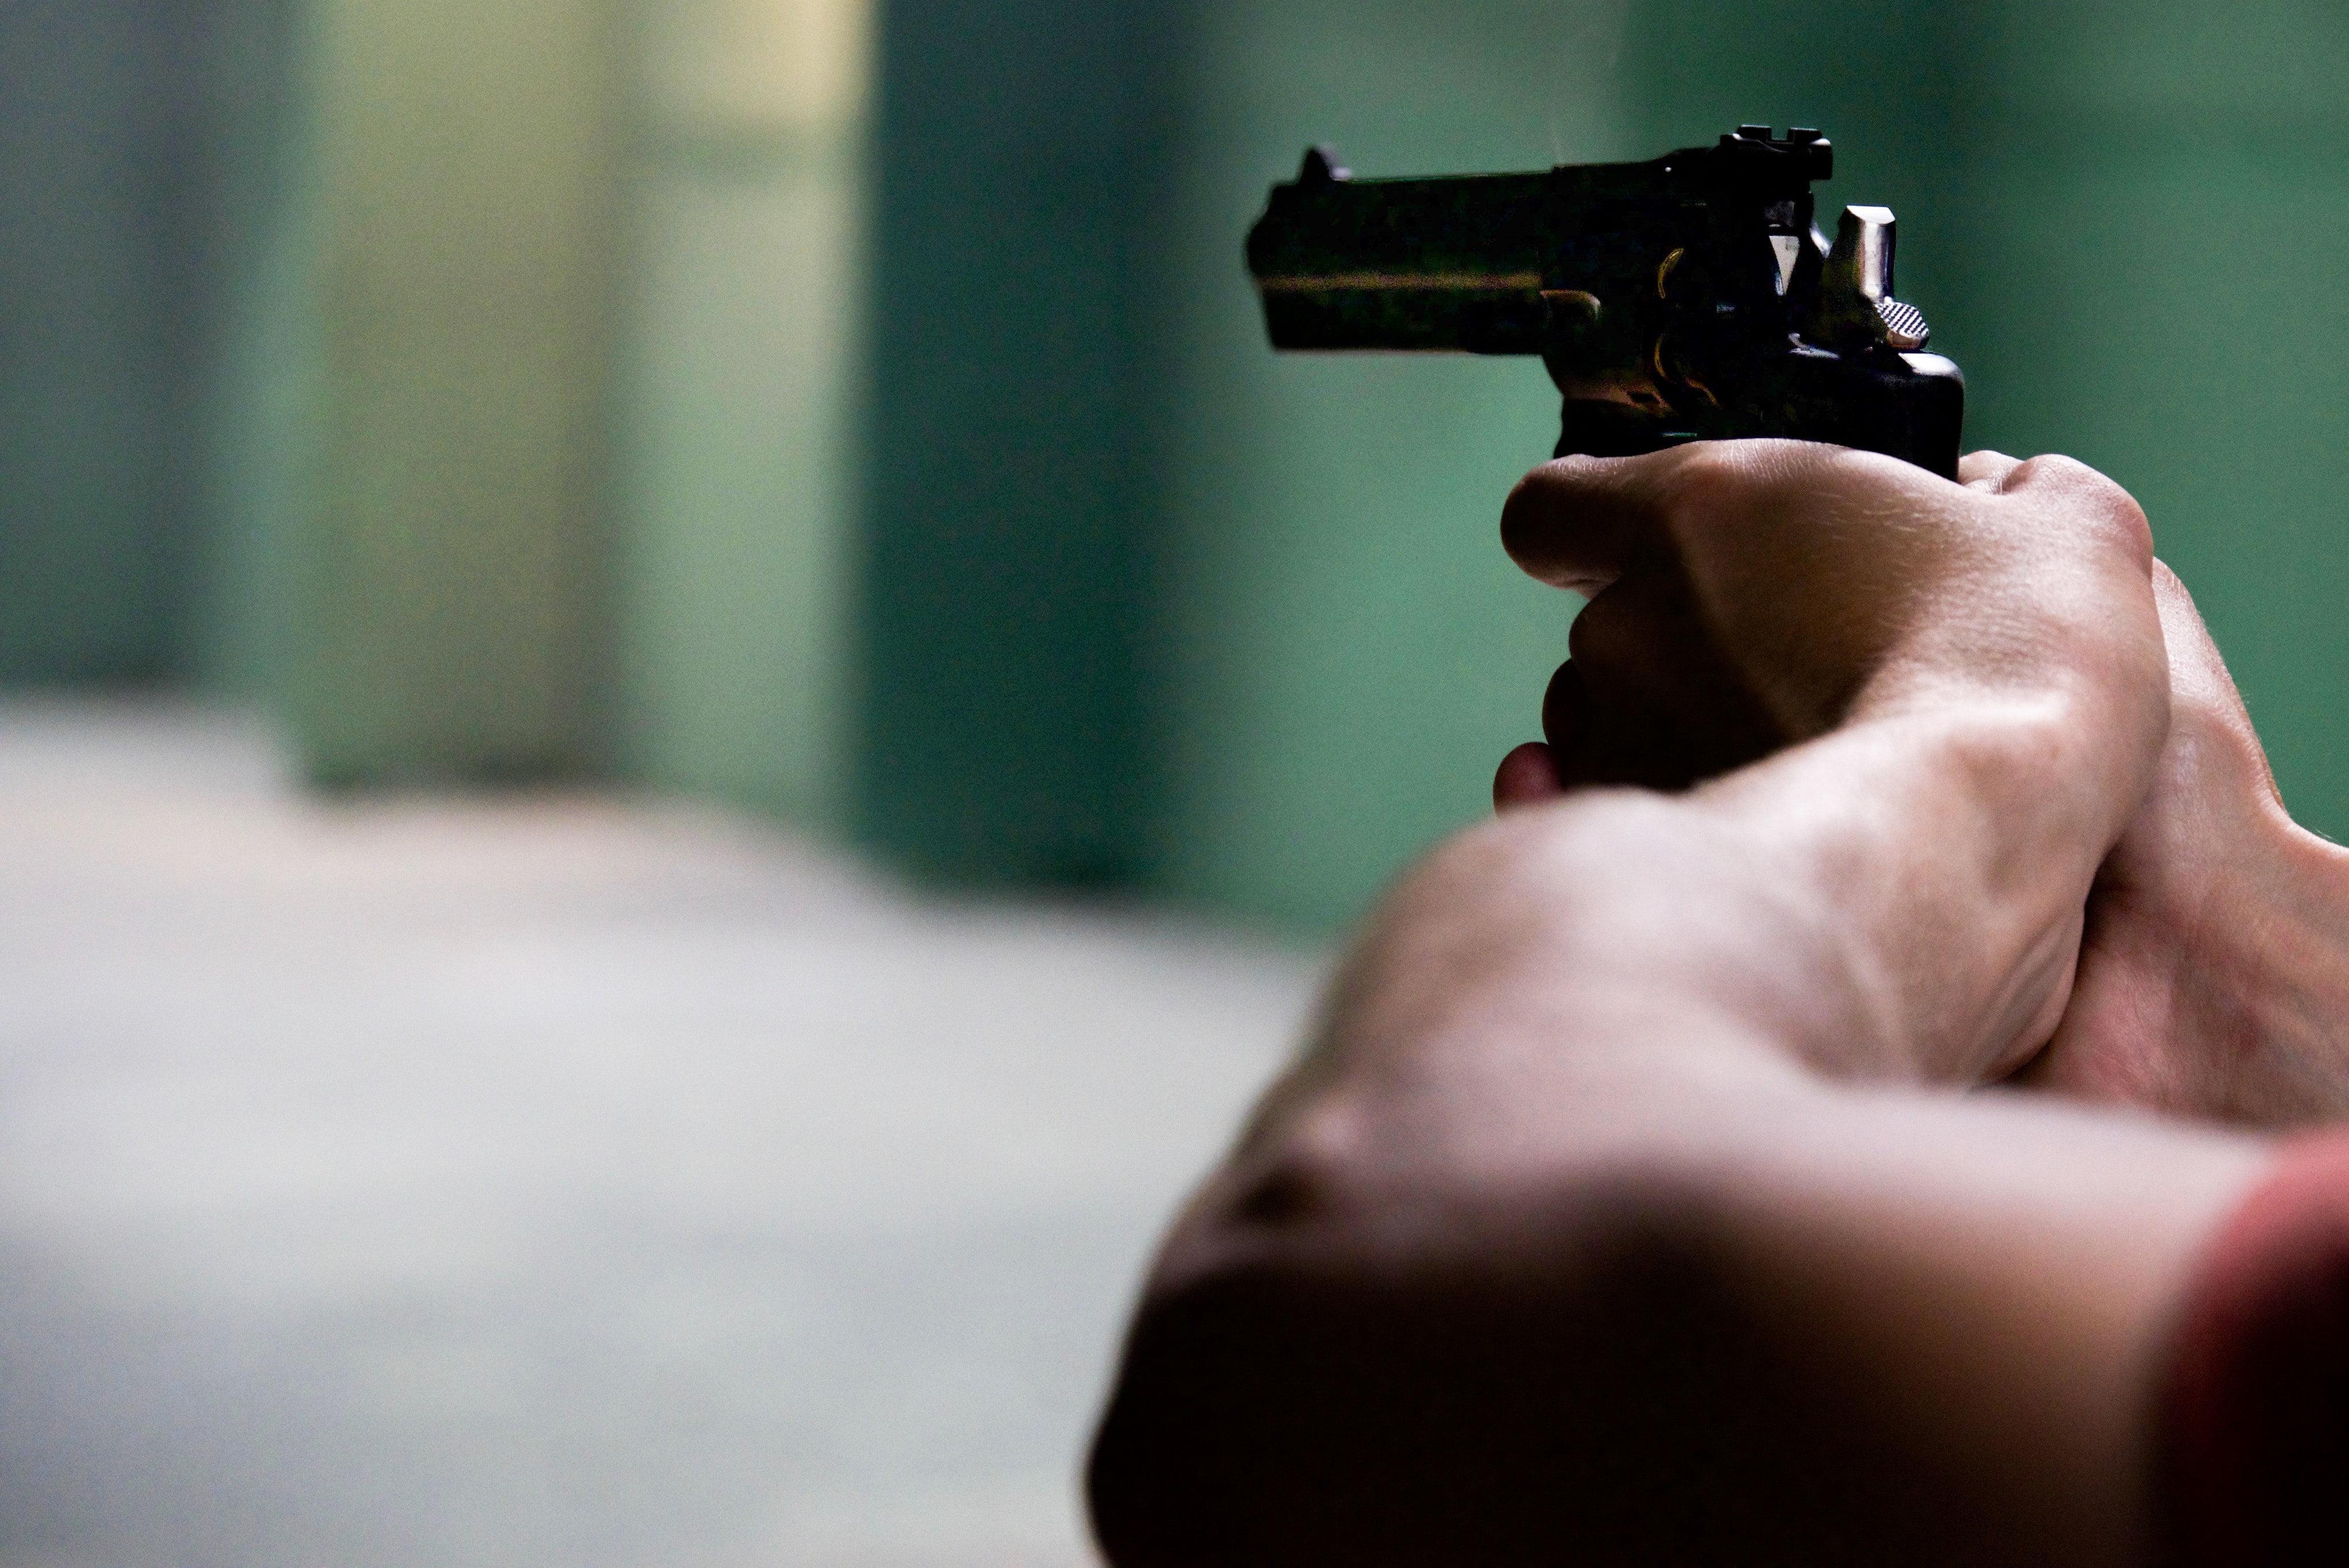 Eine mit KI-Bildanalyse ausgerüstete Überwachungskamera erkennt eine Handfeuerwaffe und informiert automatisch Verantwortliche und die Polizei.